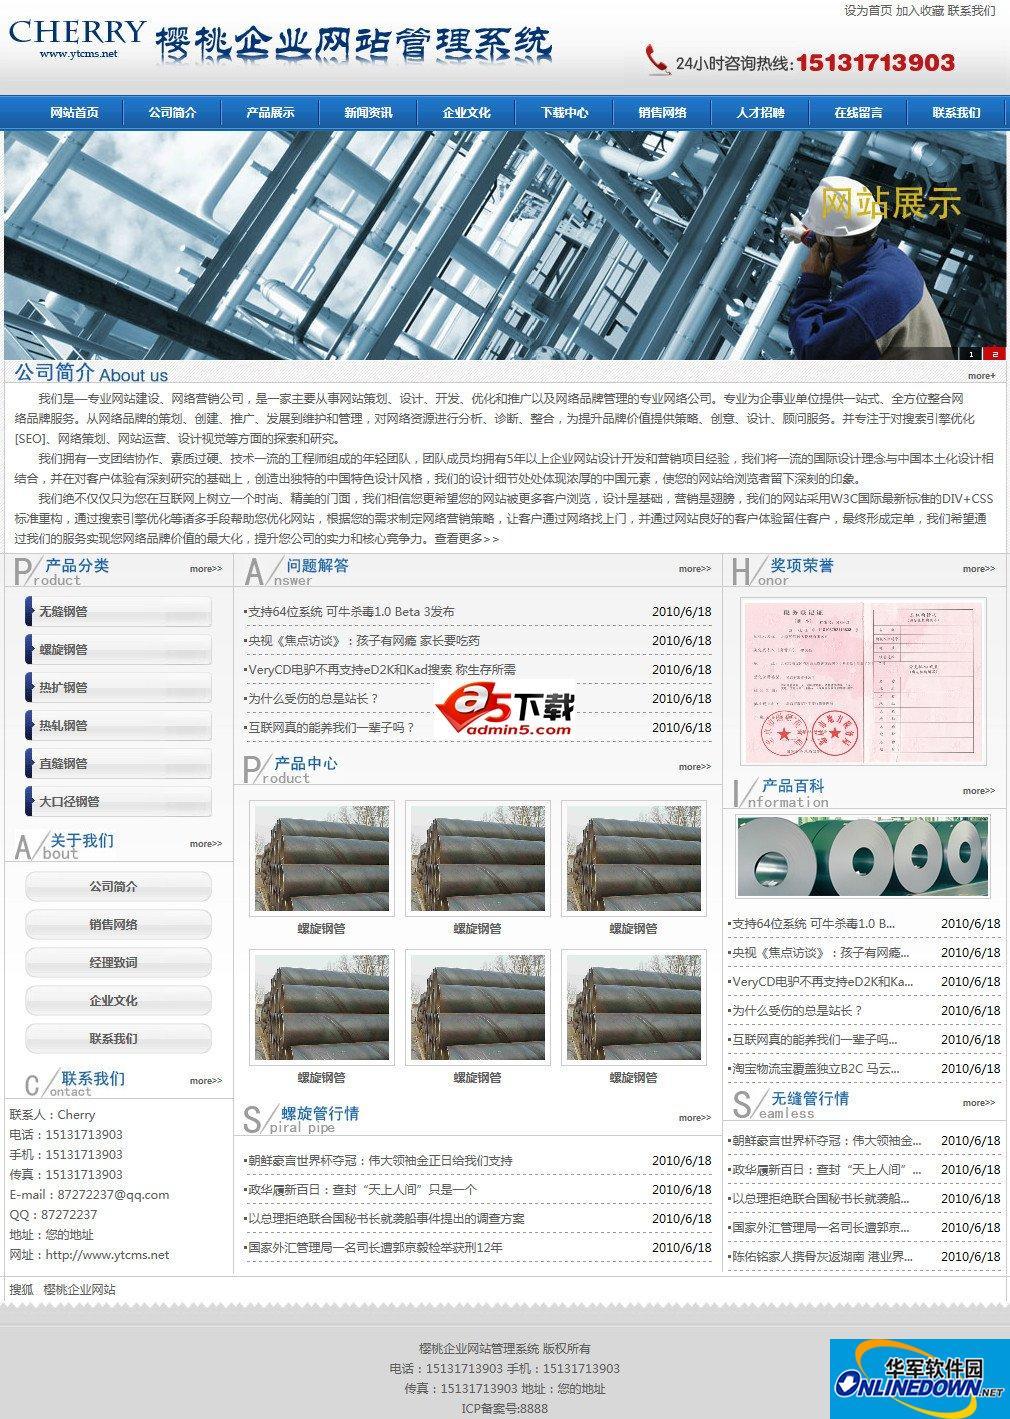 樱桃企业网站管理系统源码 3.1 build20130614